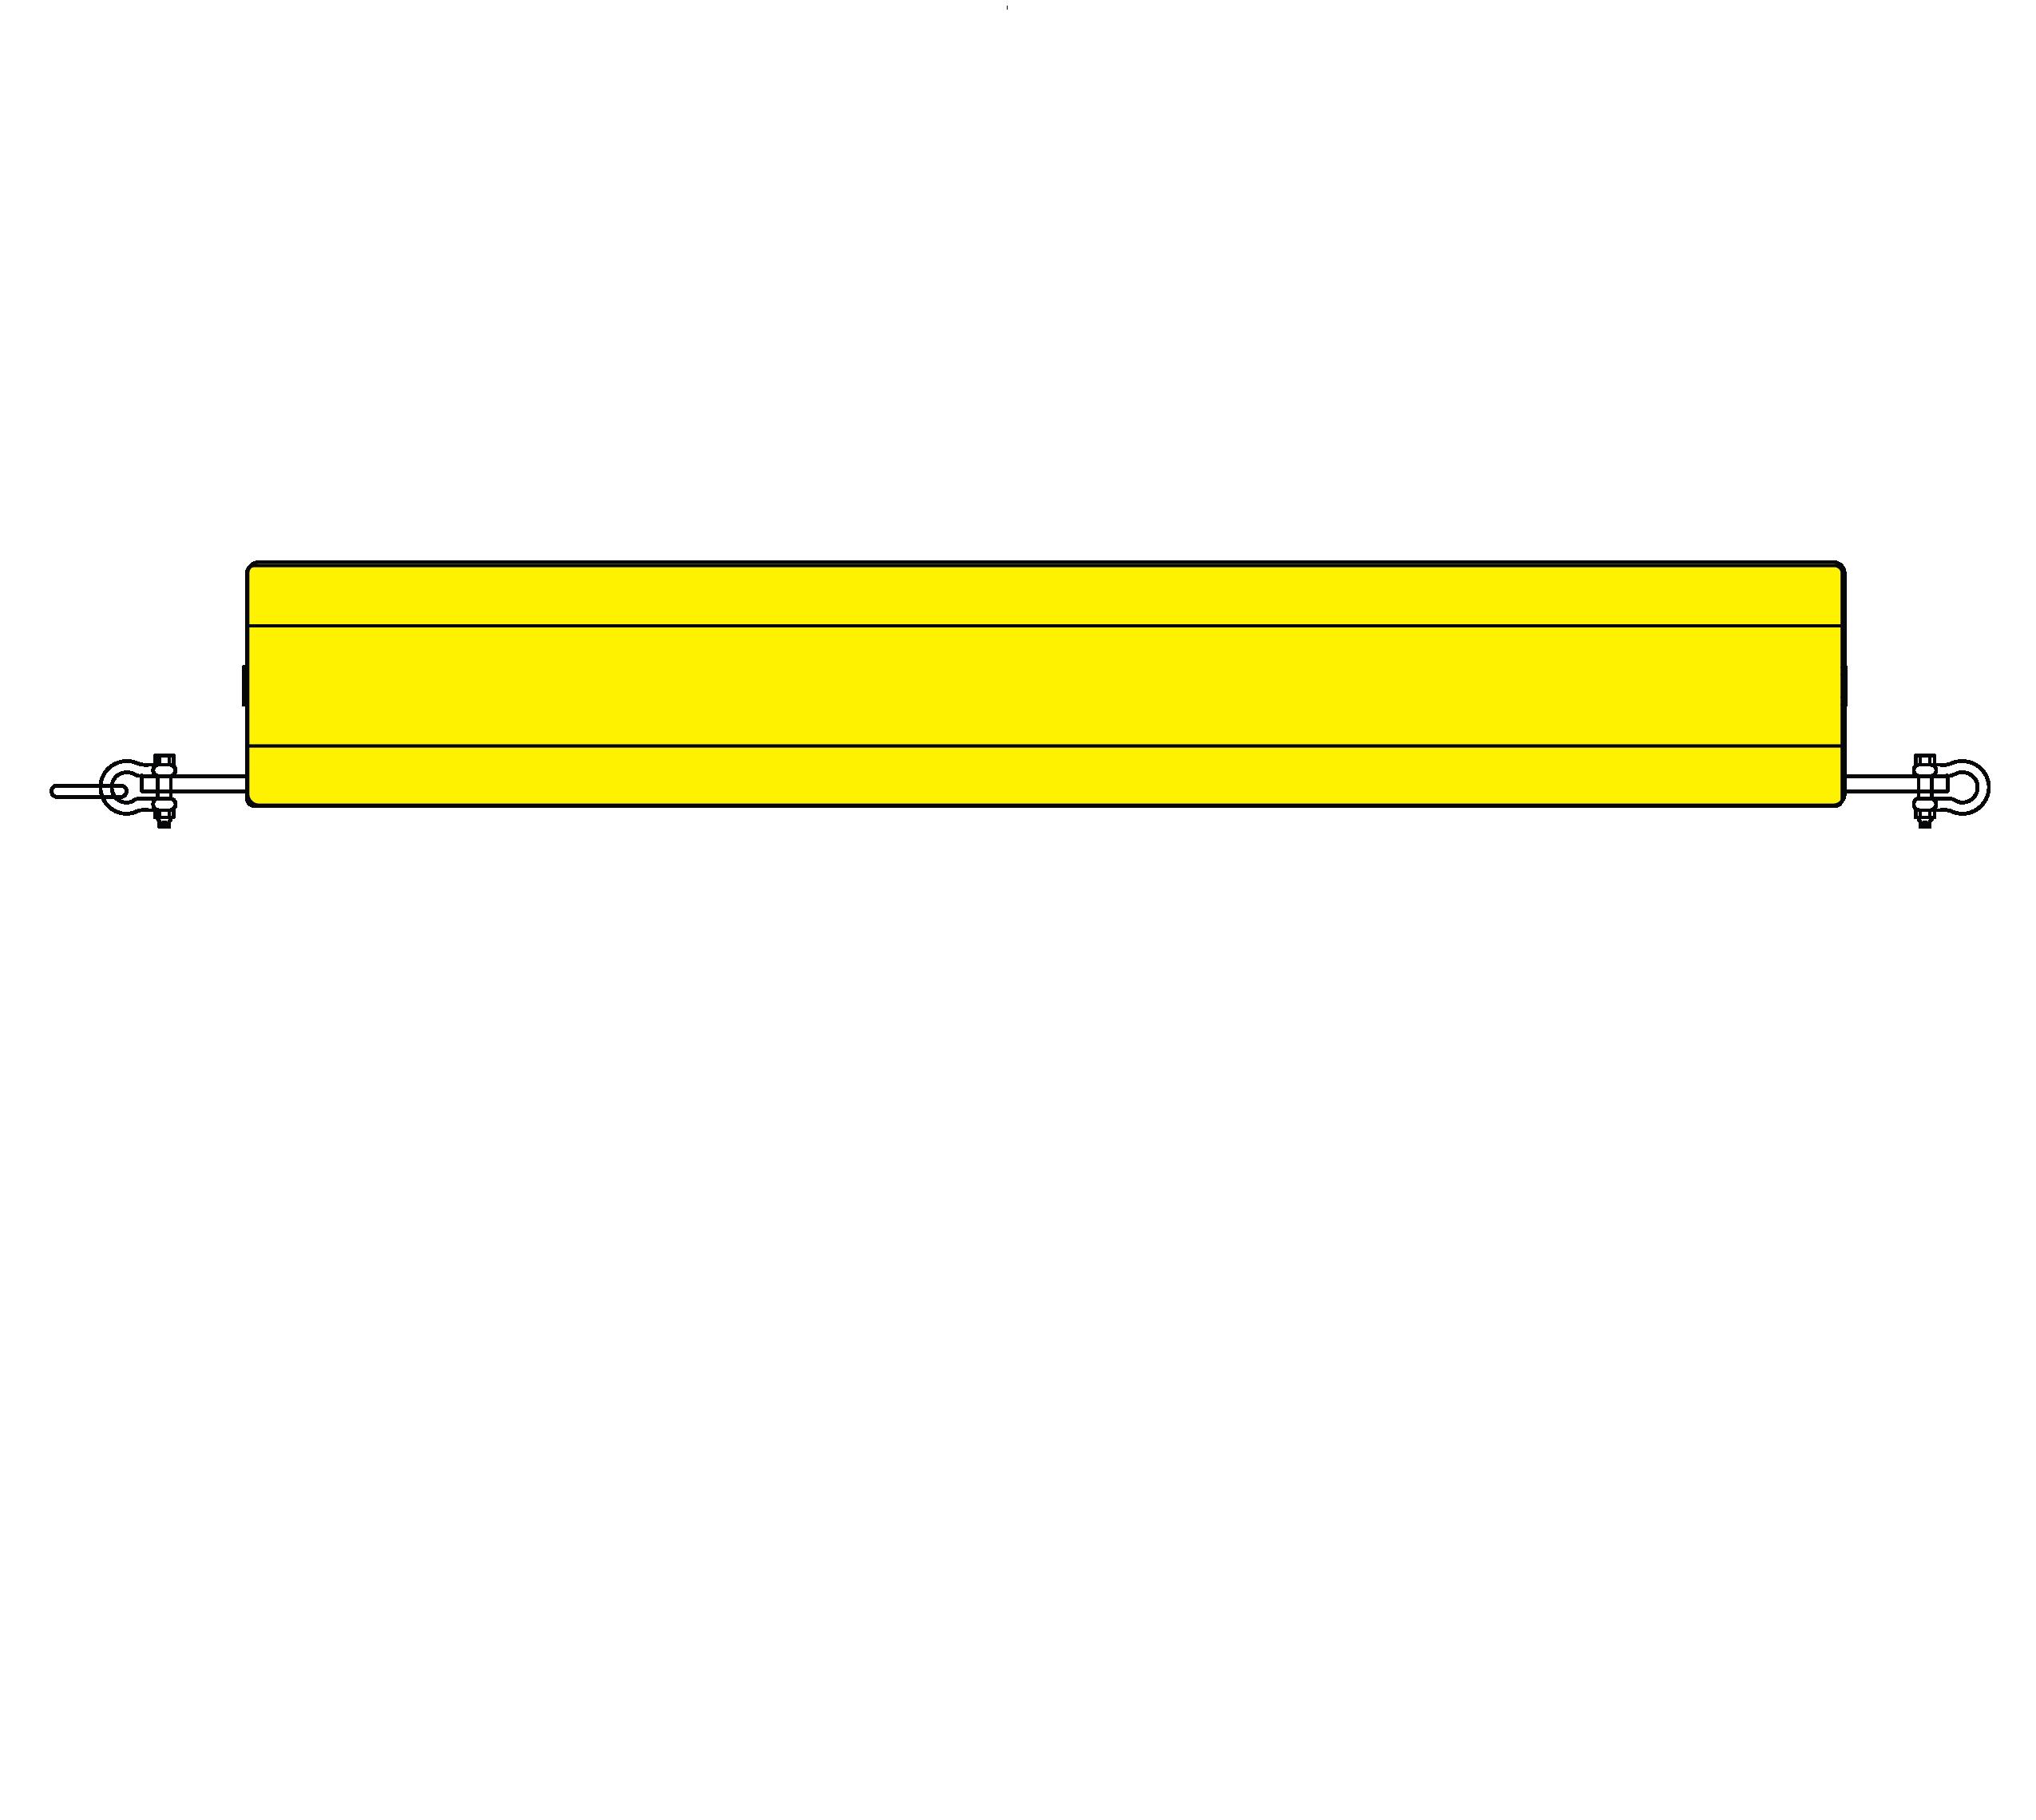 hydraunav_estacade-01-01